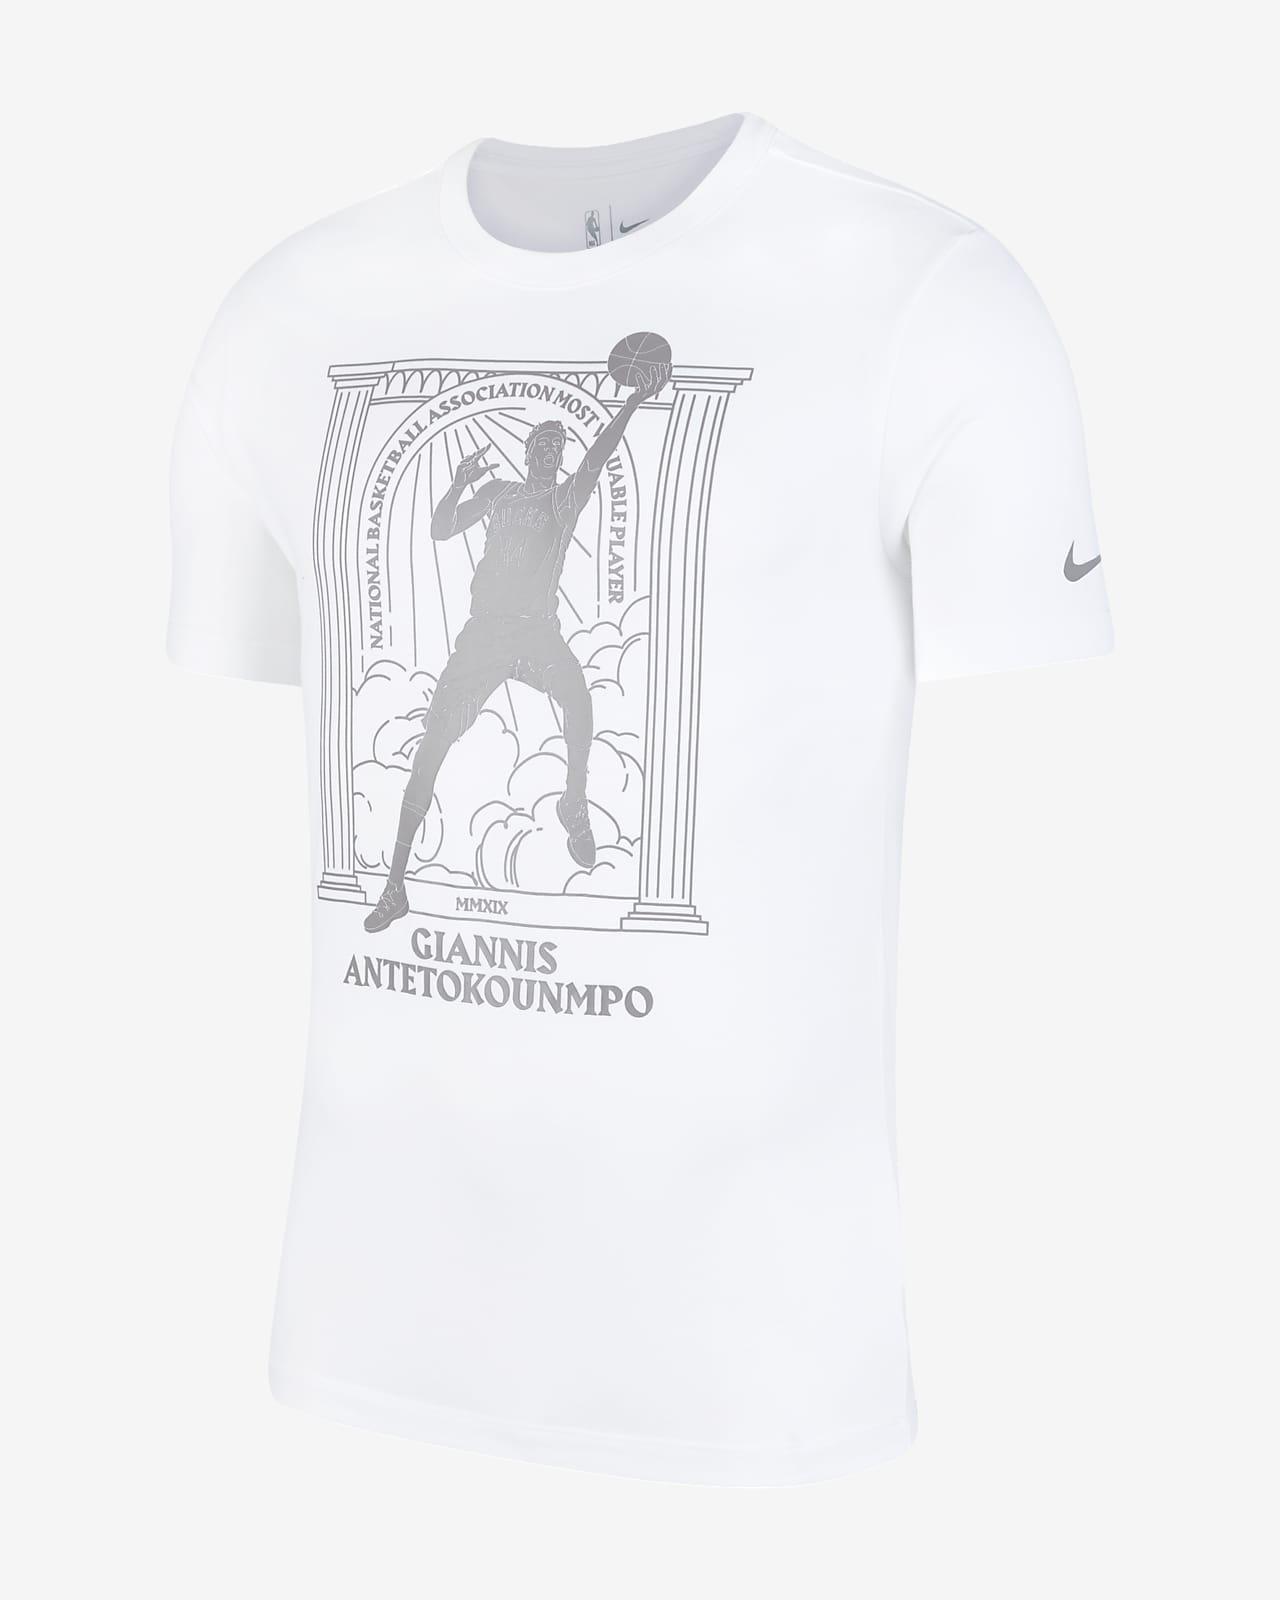 เสื้อยืด Nike Dri-FIT NBA ผู้ชาย Giannis Antetokounmpo Bucks MVP